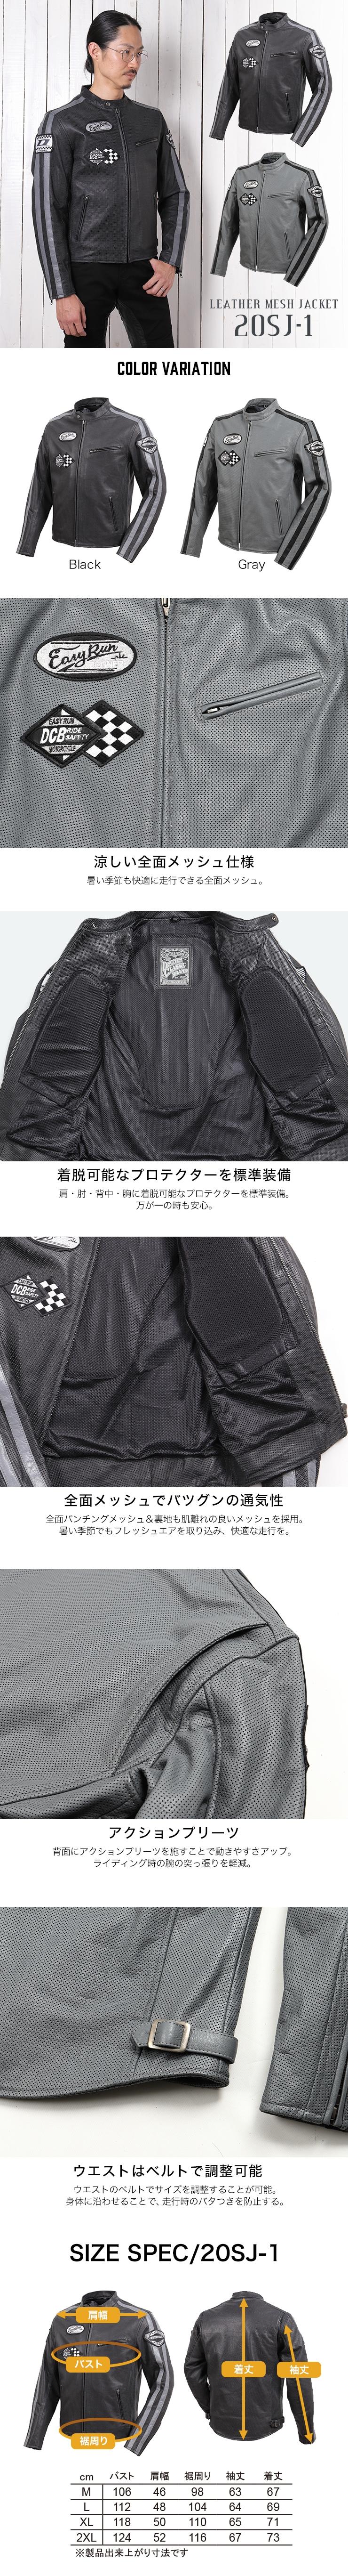 デグナー DEGNER ライダースジャケット 20SJ-1 メンズ 本革 レザー